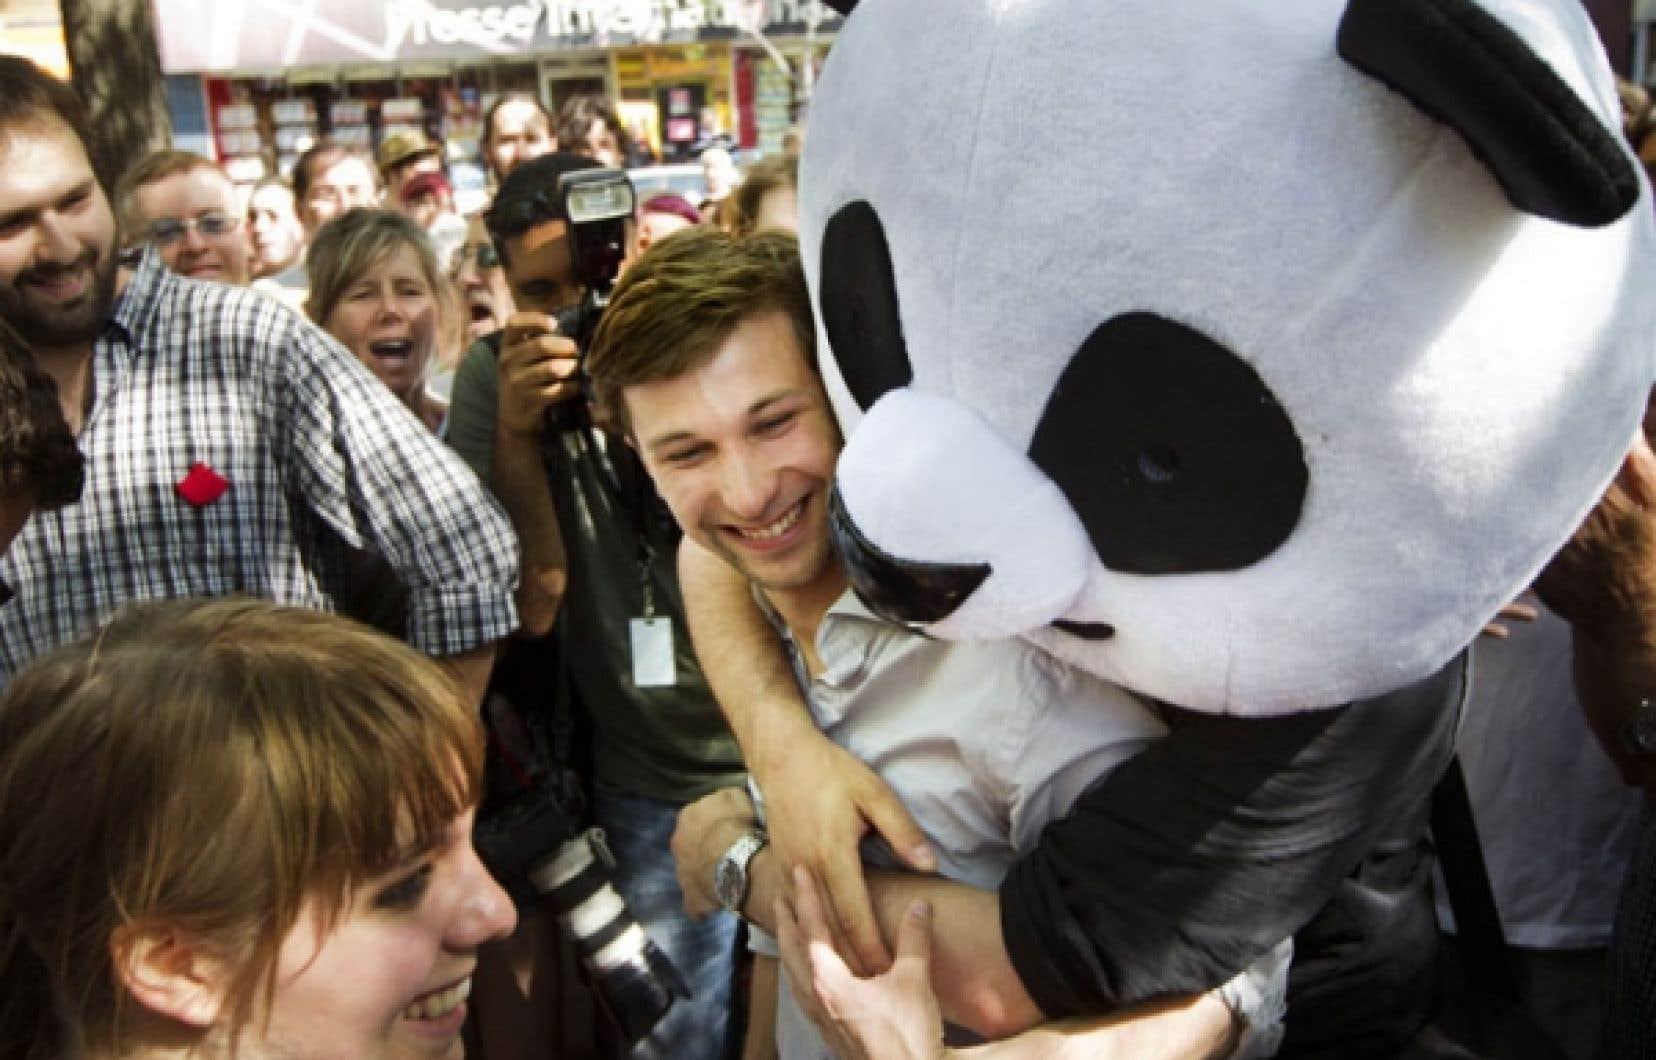 <div> Depuis quelques semaines, une mascotte de panda est aux premières lignes des manifestations. Anachronique, ce câlinours bicolore suscite une improbable vague de sympathie.</div>